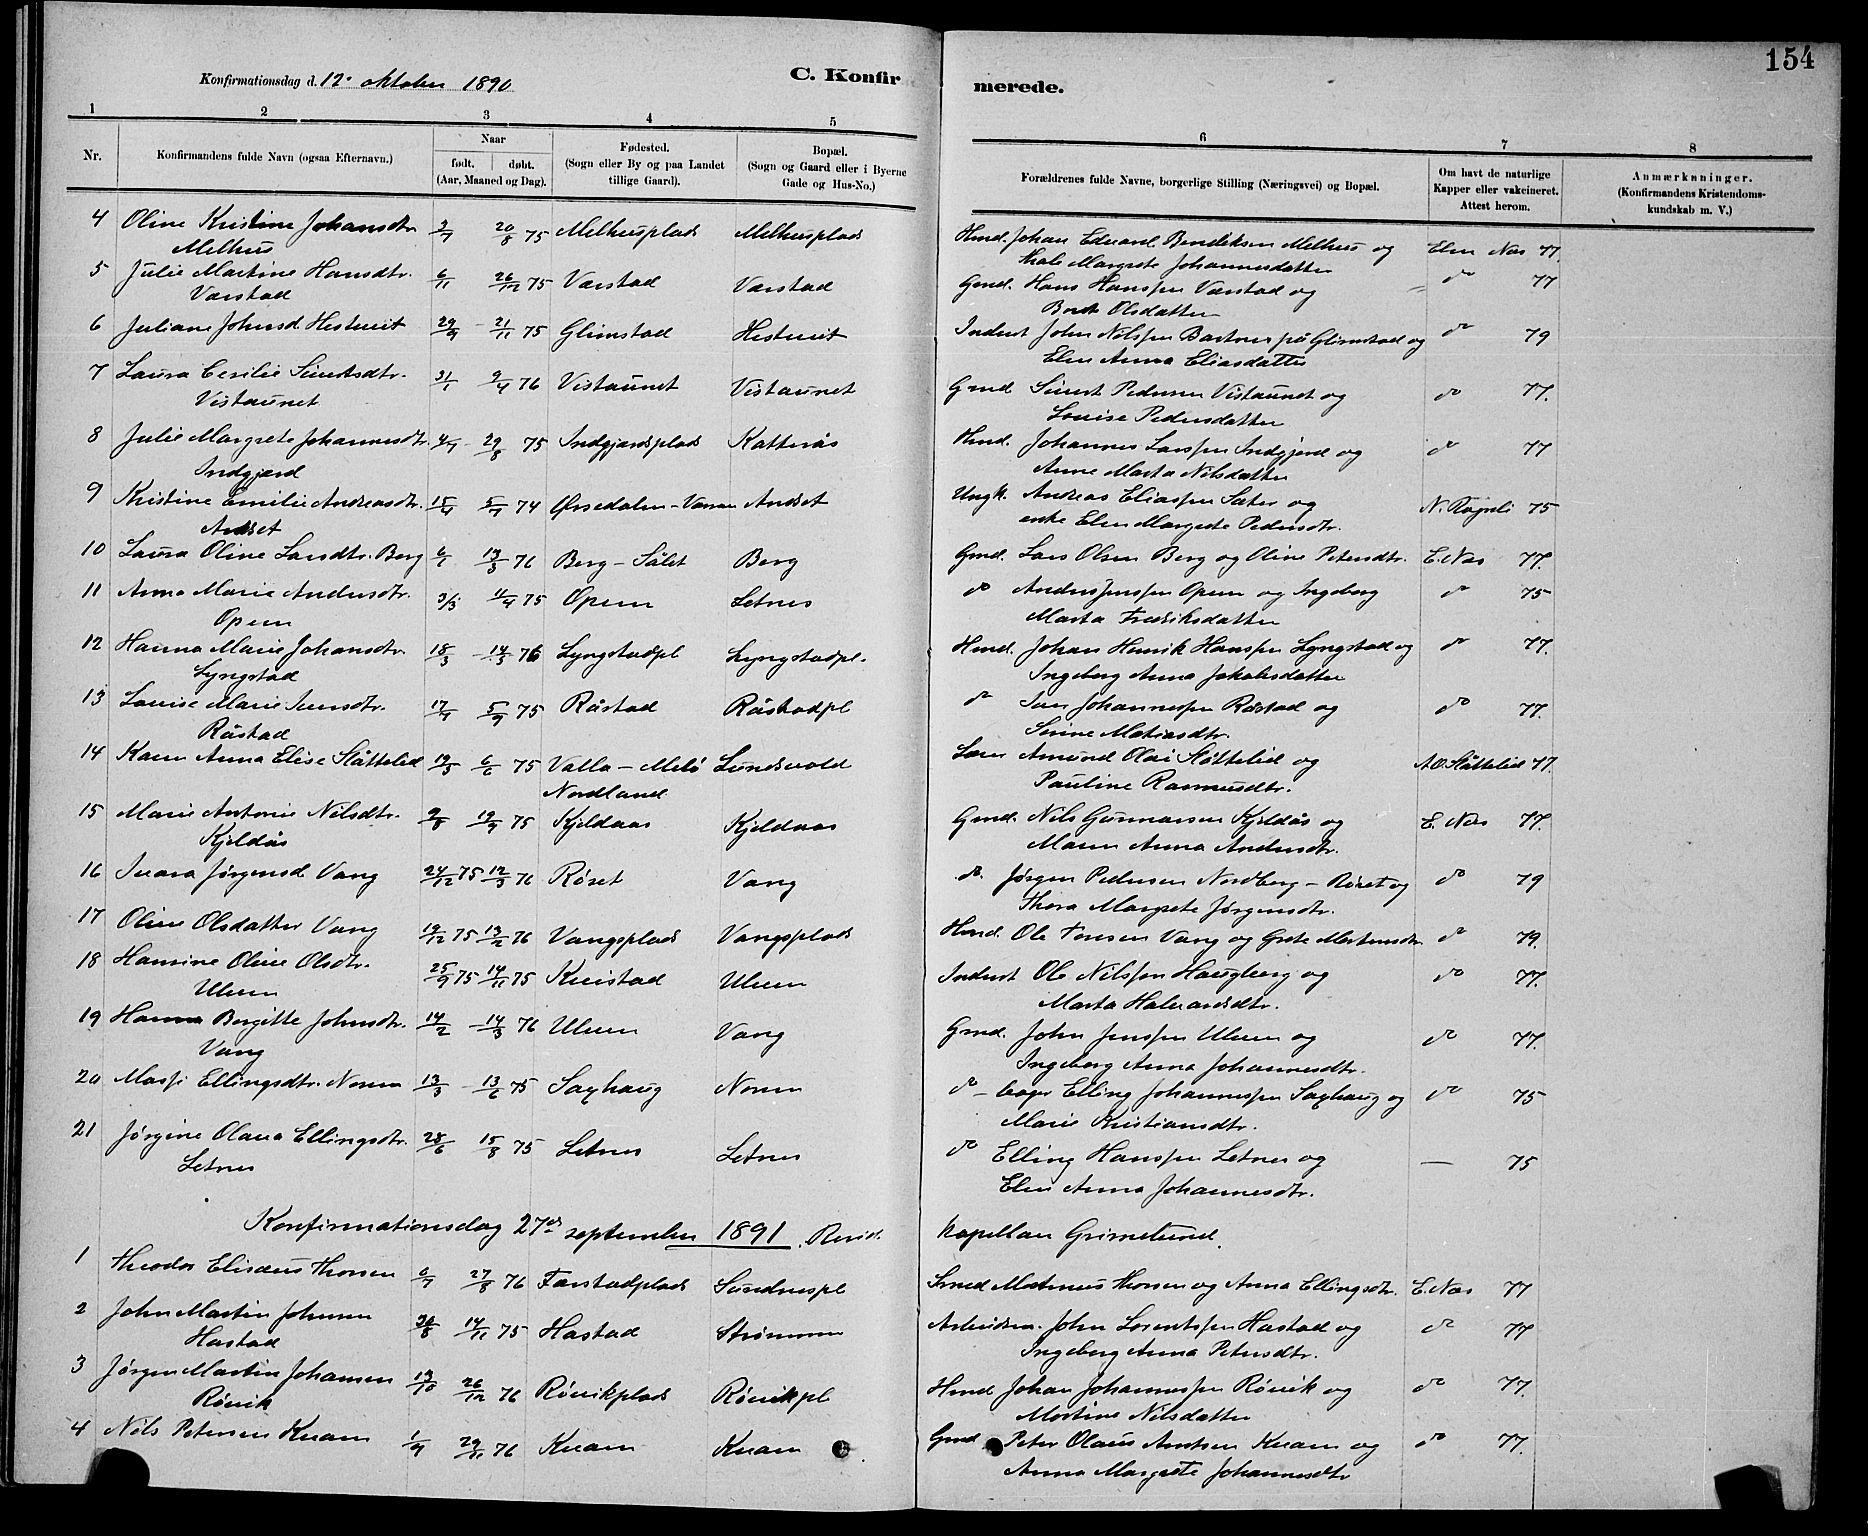 SAT, Ministerialprotokoller, klokkerbøker og fødselsregistre - Nord-Trøndelag, 730/L0301: Klokkerbok nr. 730C04, 1880-1897, s. 154